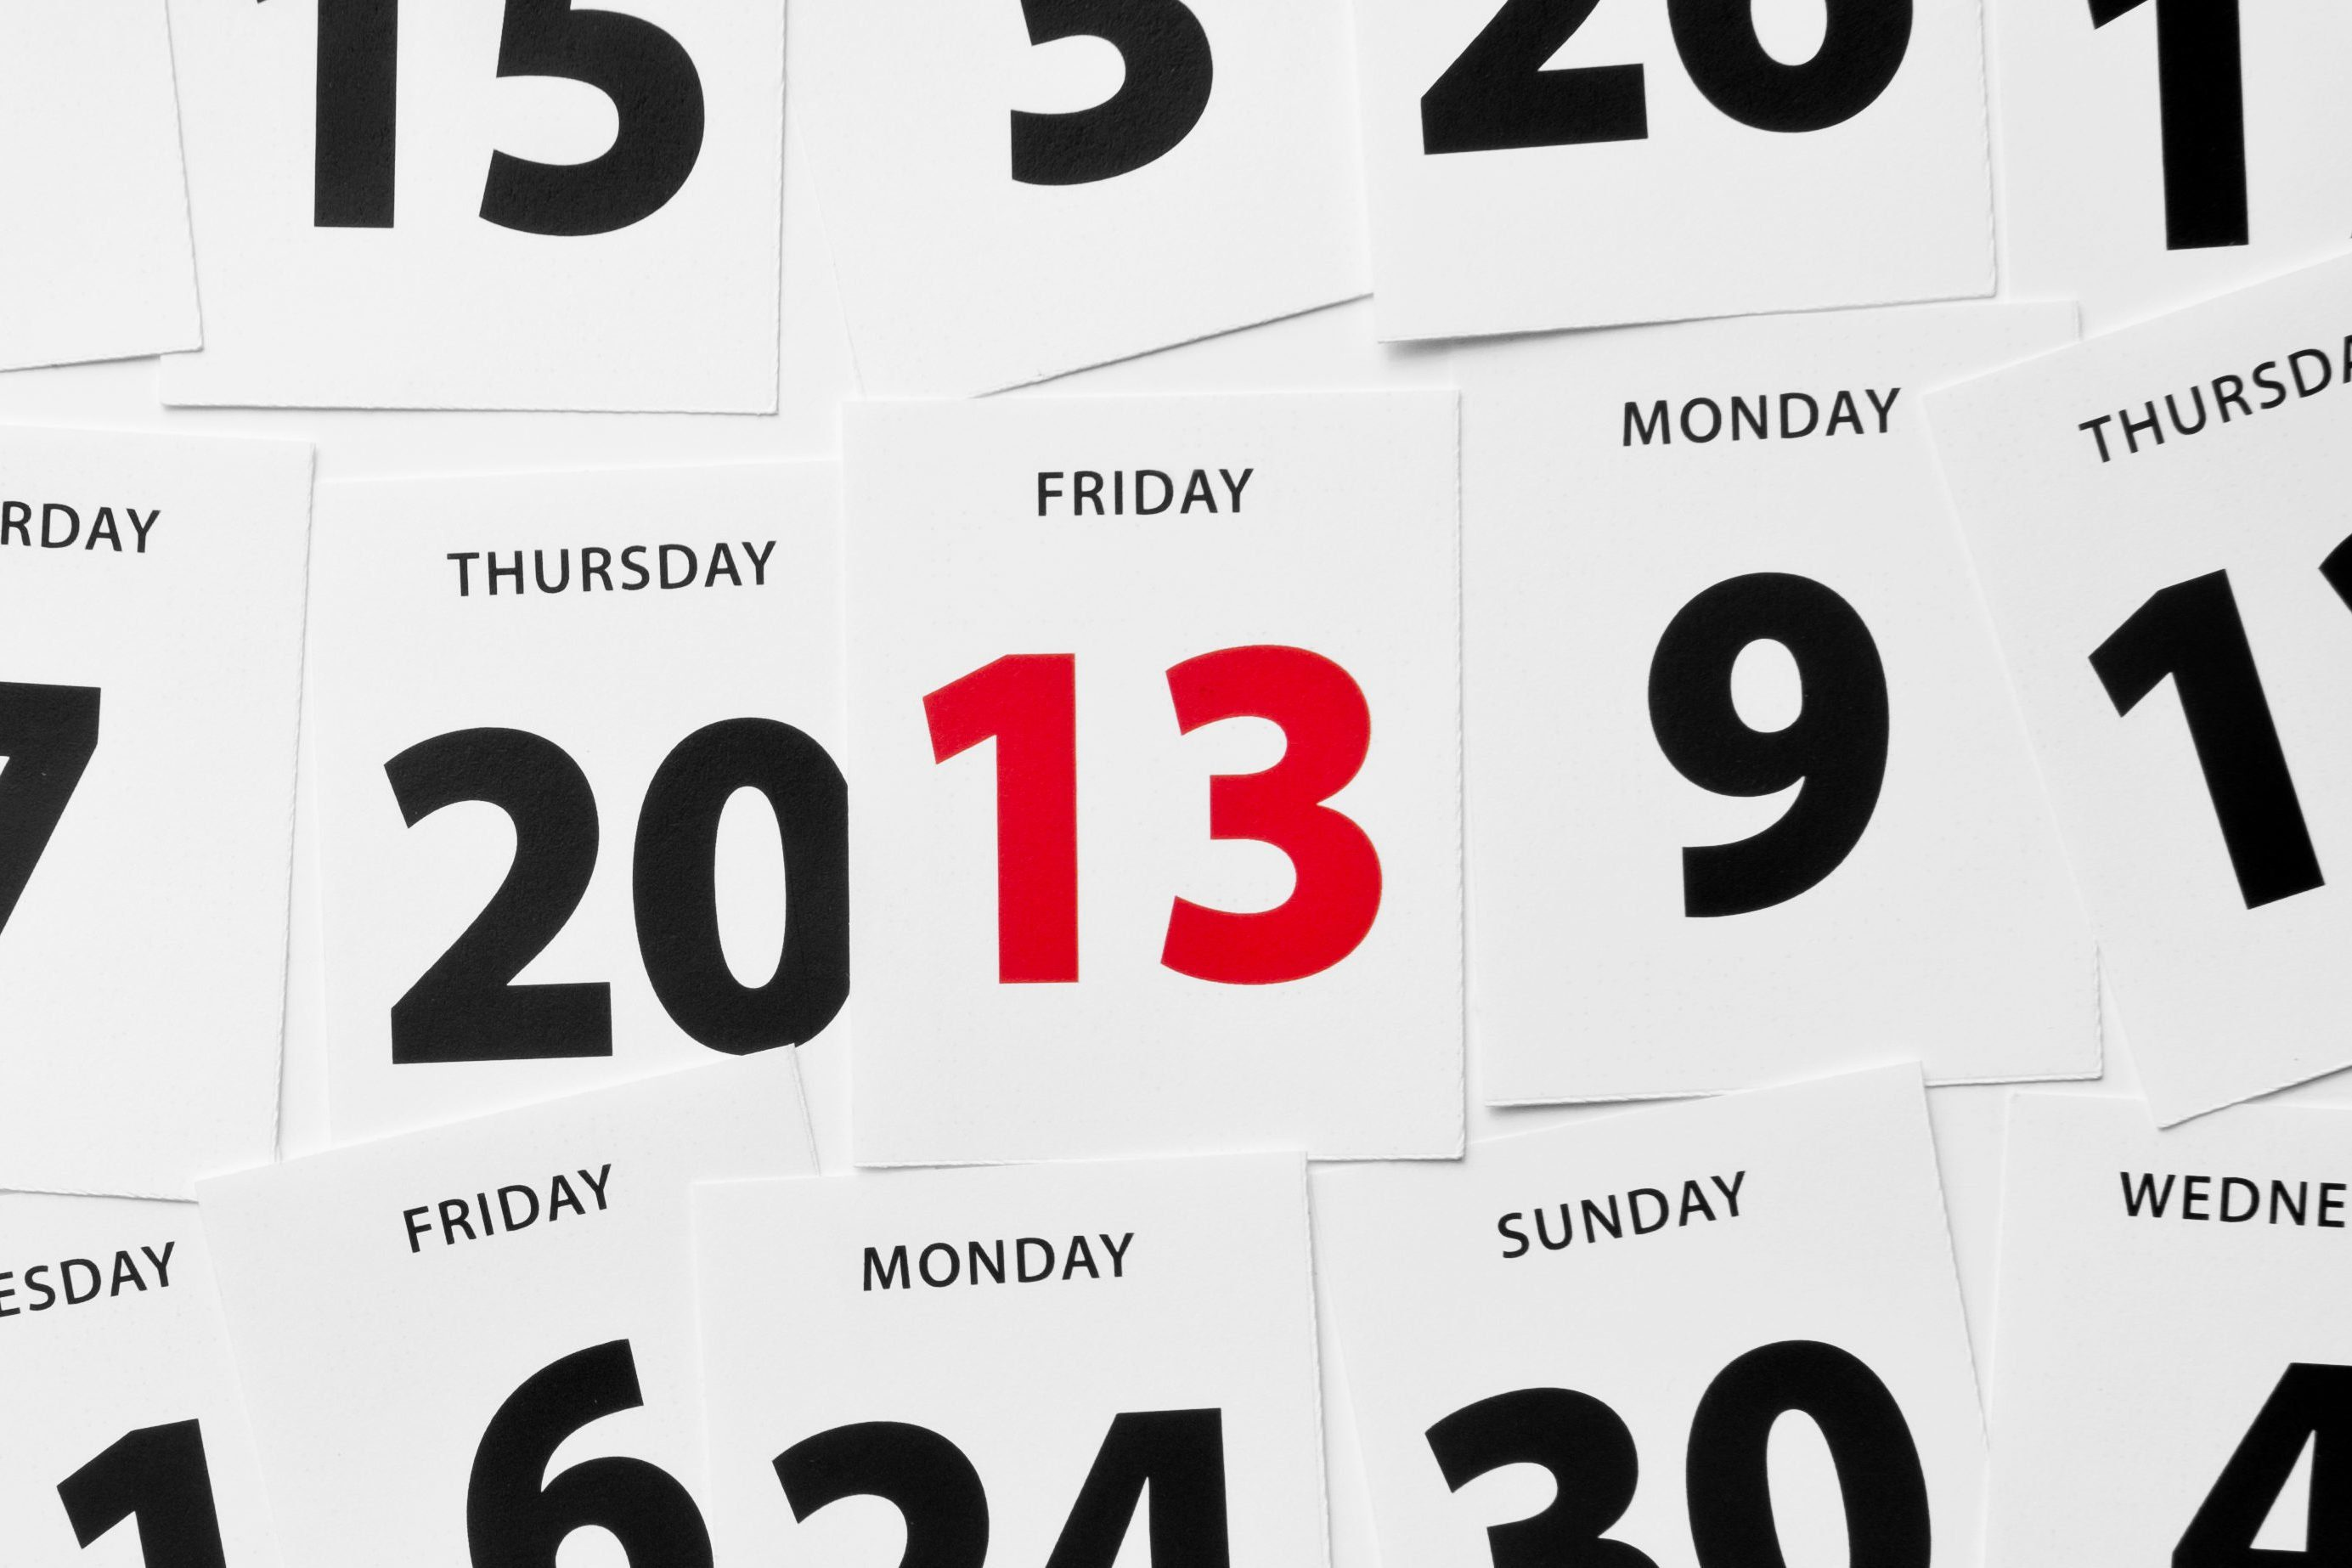 Friday the 13th lucky unlucky